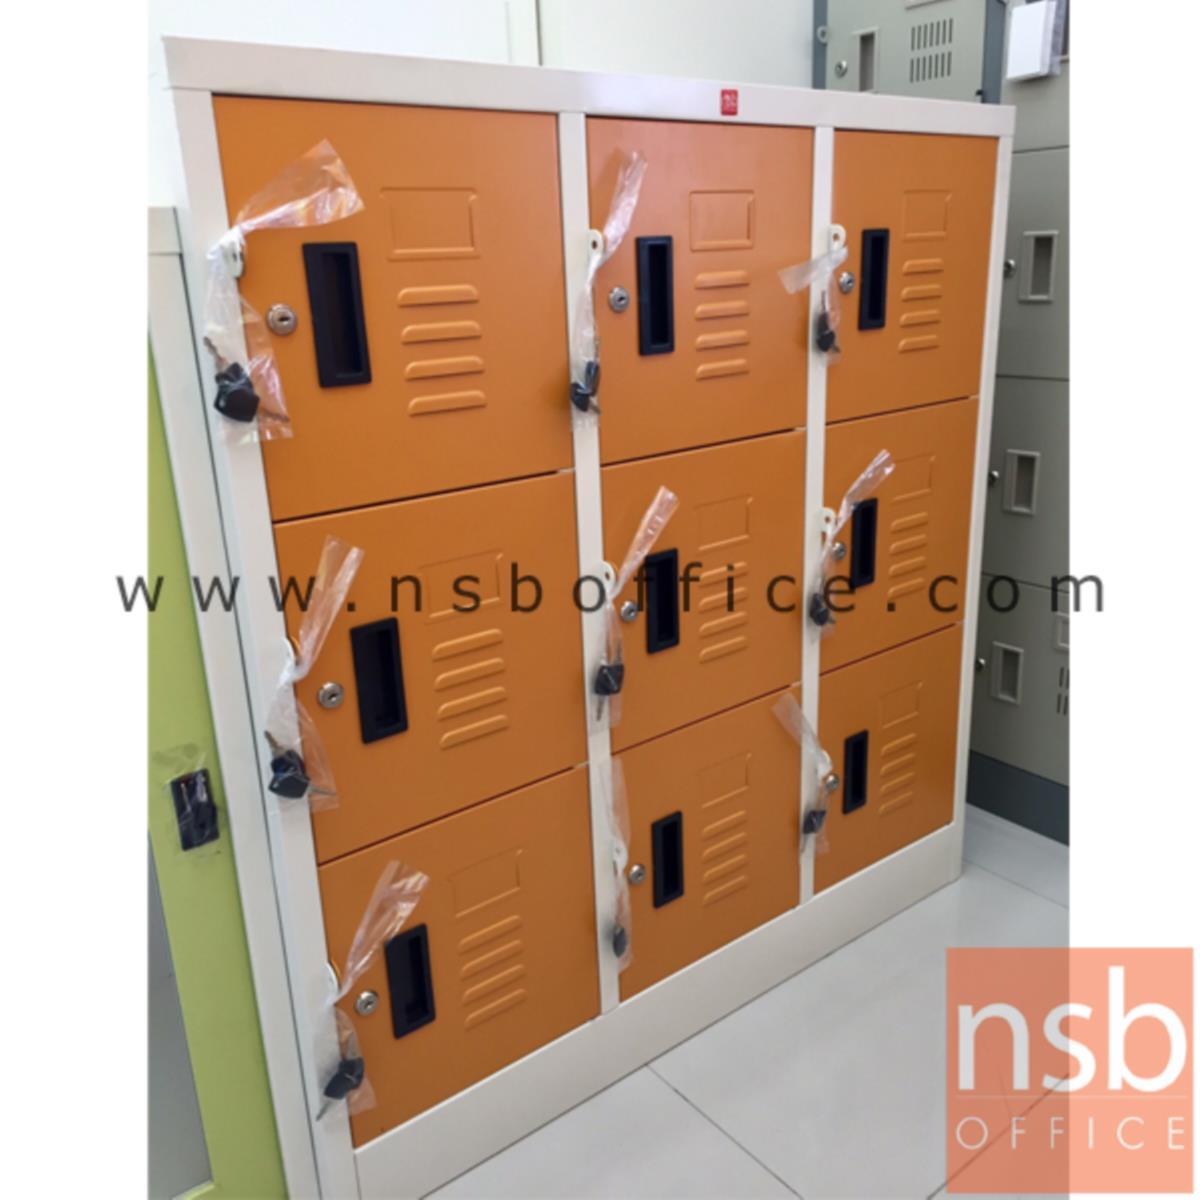 ตู้ล็อกเกอร์เหล็กเตี้ย 9 ประตู  รุ่น McKellen (แม็กเคลเลน)  ขนาด 91.2W*45.7D*97.7H cm.